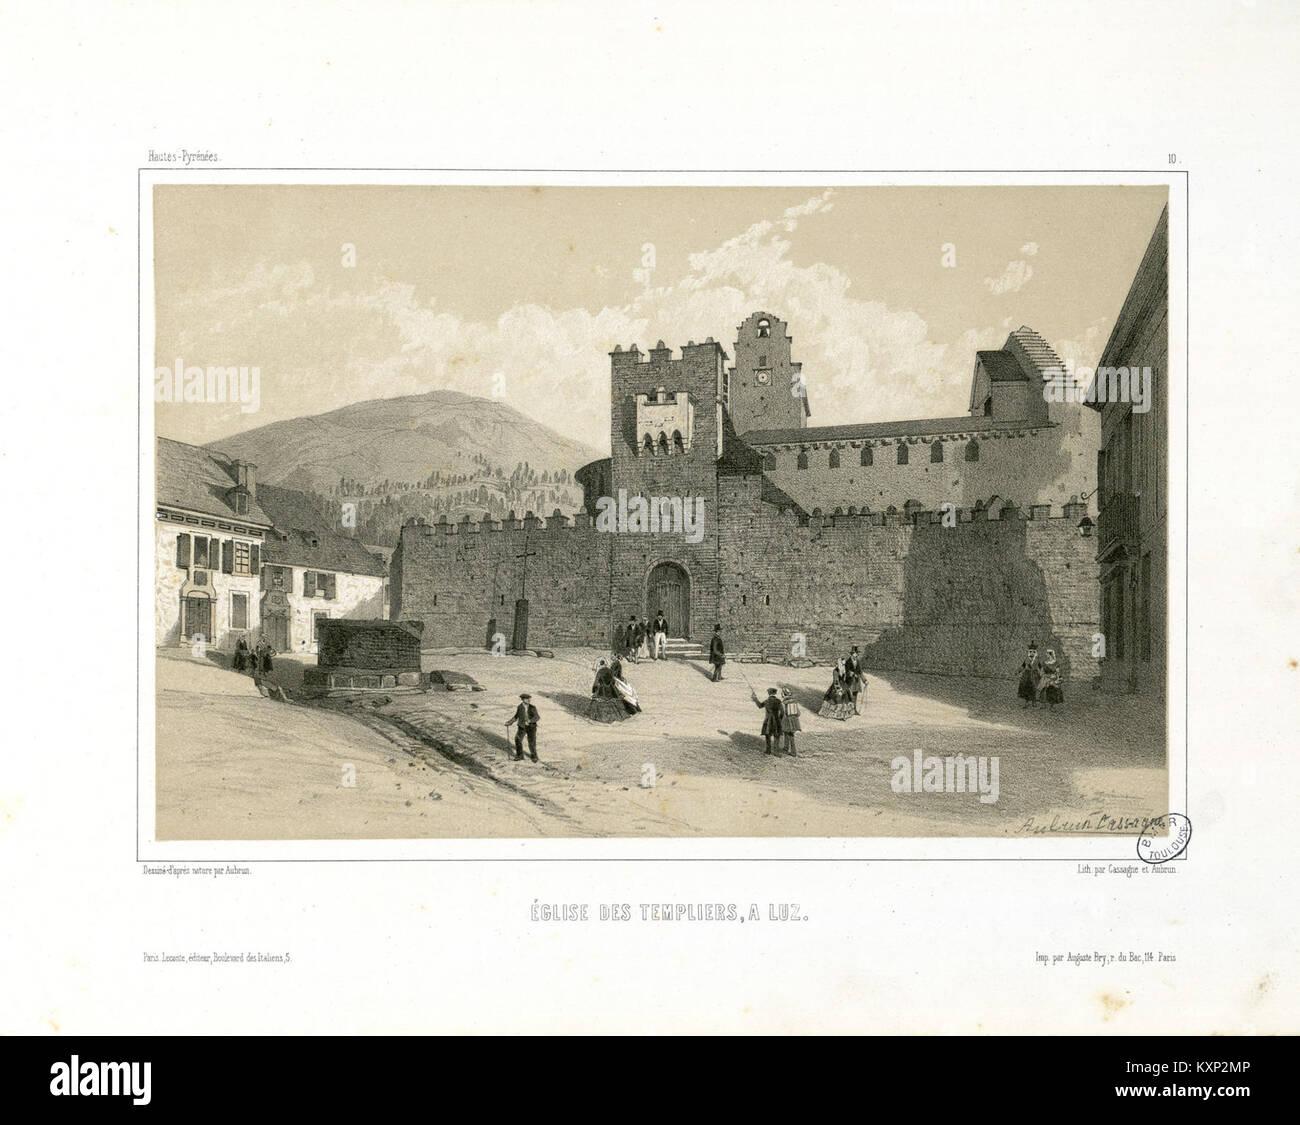 Eglise des Templiers, à Luz (Hautes-Pyrénées, 10) - Fonds Ancely - B315556101 A AUBRUN 1 006 - Stock Image